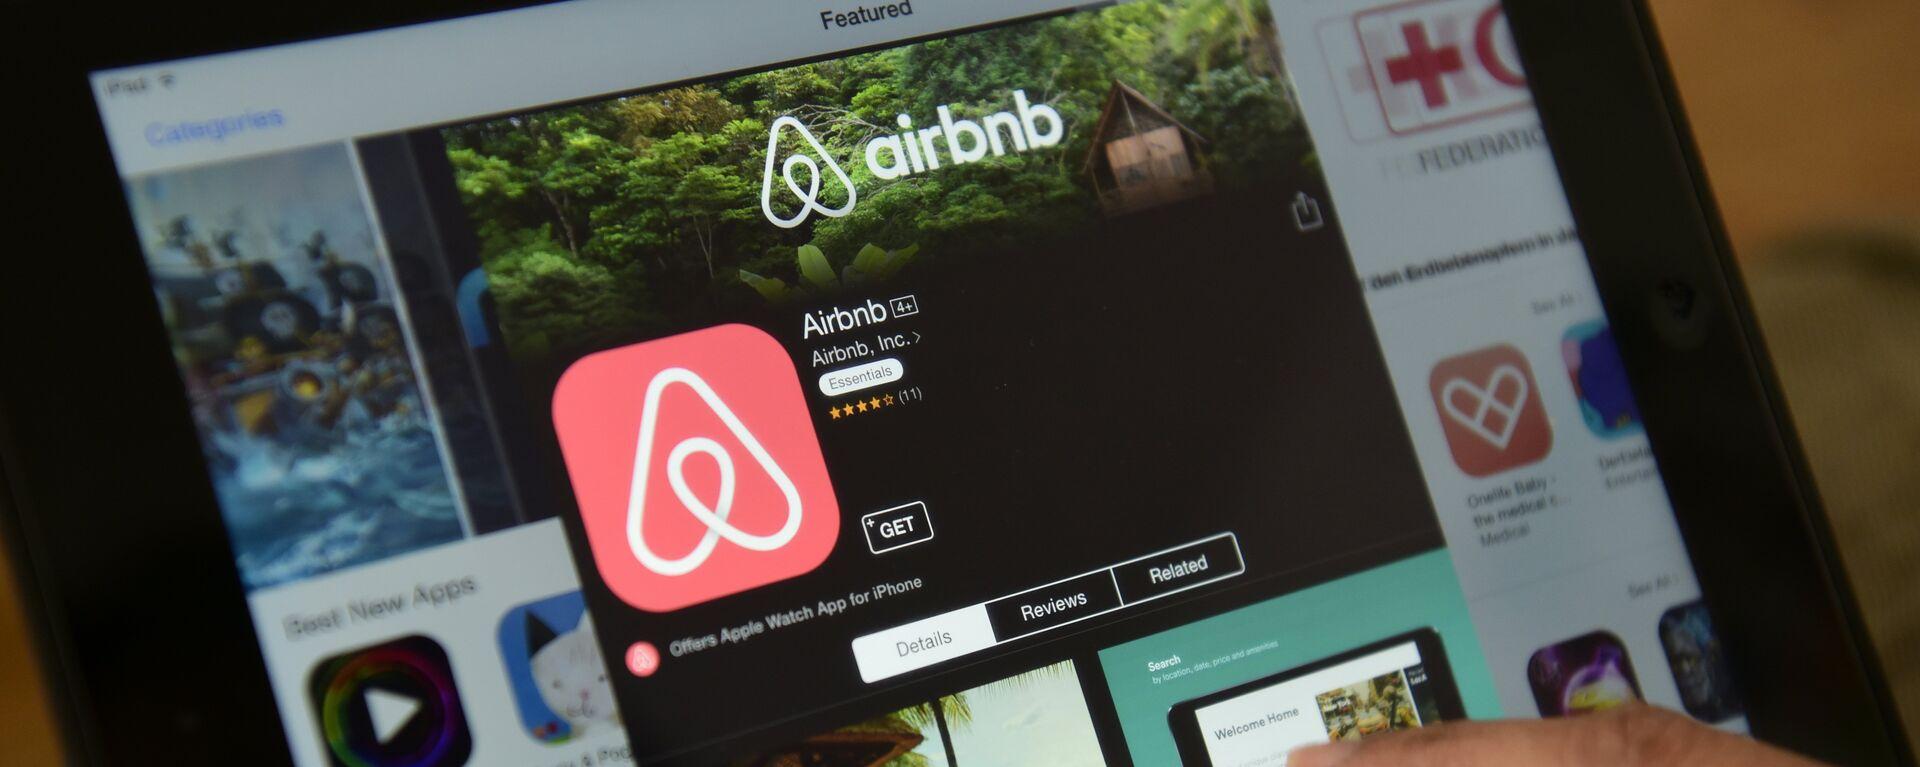 La aplicación de Airbnb - Sputnik Mundo, 1920, 31.03.2020